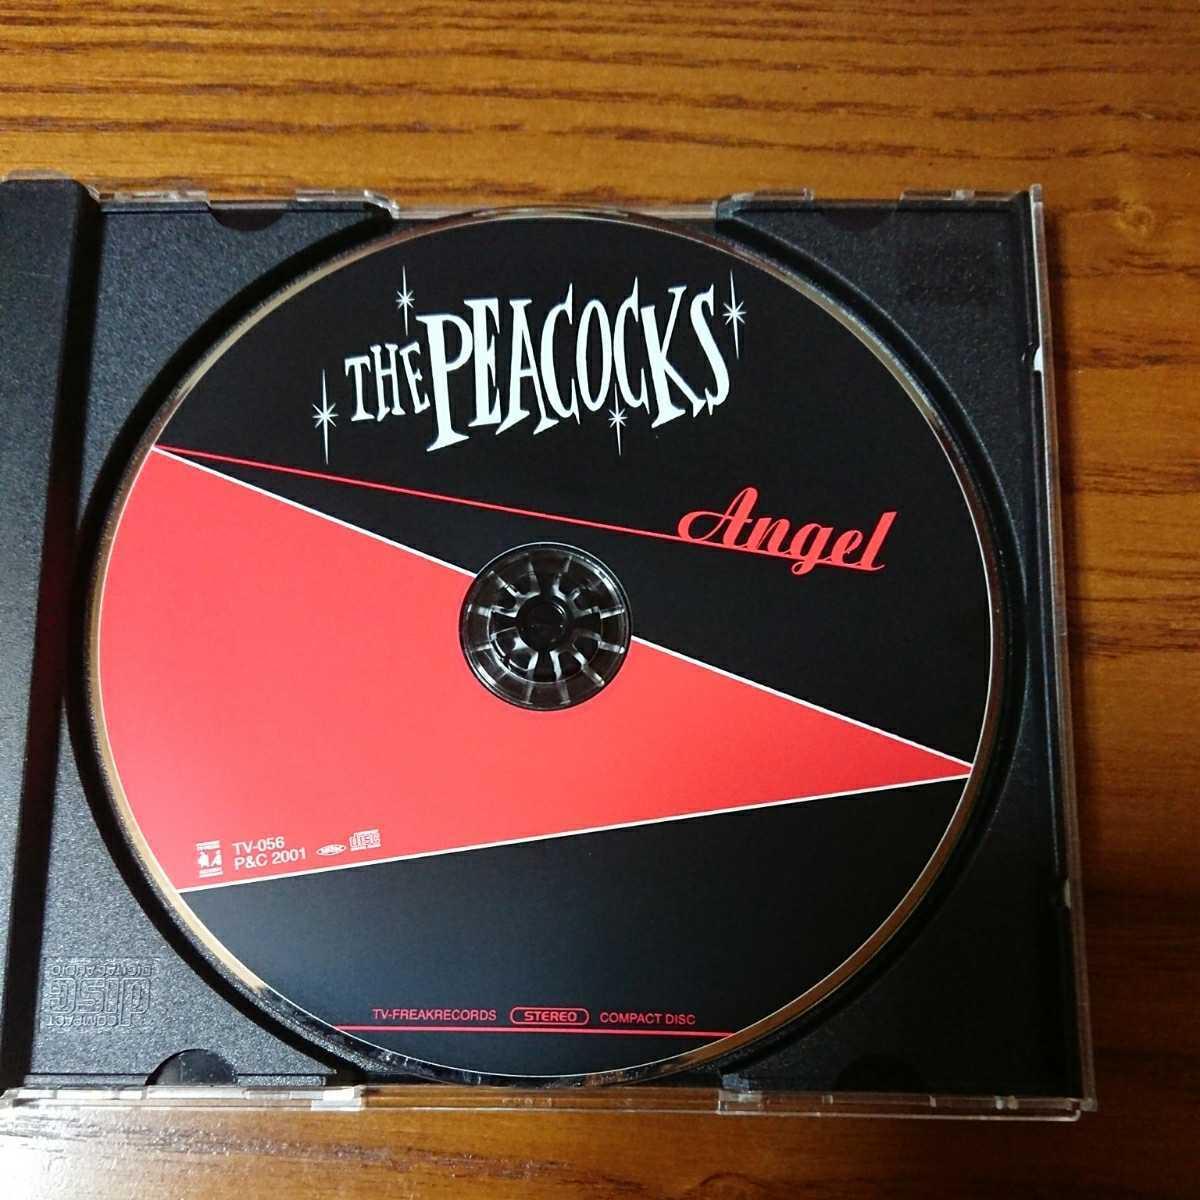 THE-PEACOCKSザ・ピーコックスCD/ロカビリー・ネオロカビリー・サイコビリー・ジャズ・パンクロック・ロックンロール_画像3